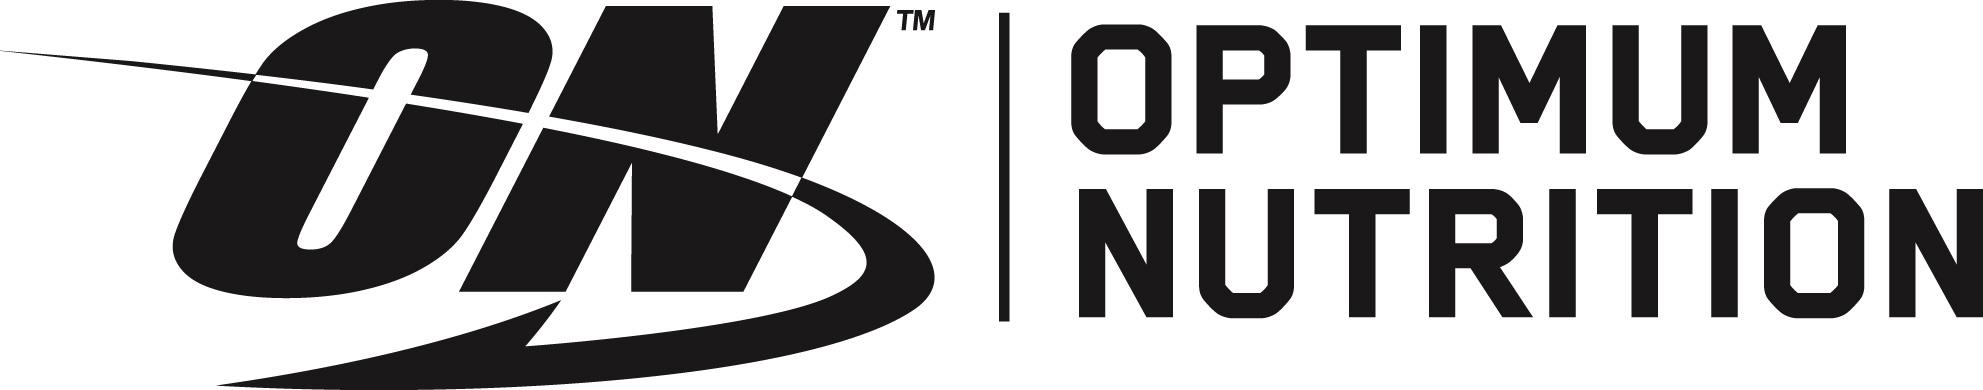 Optimum Nutrition - Logo